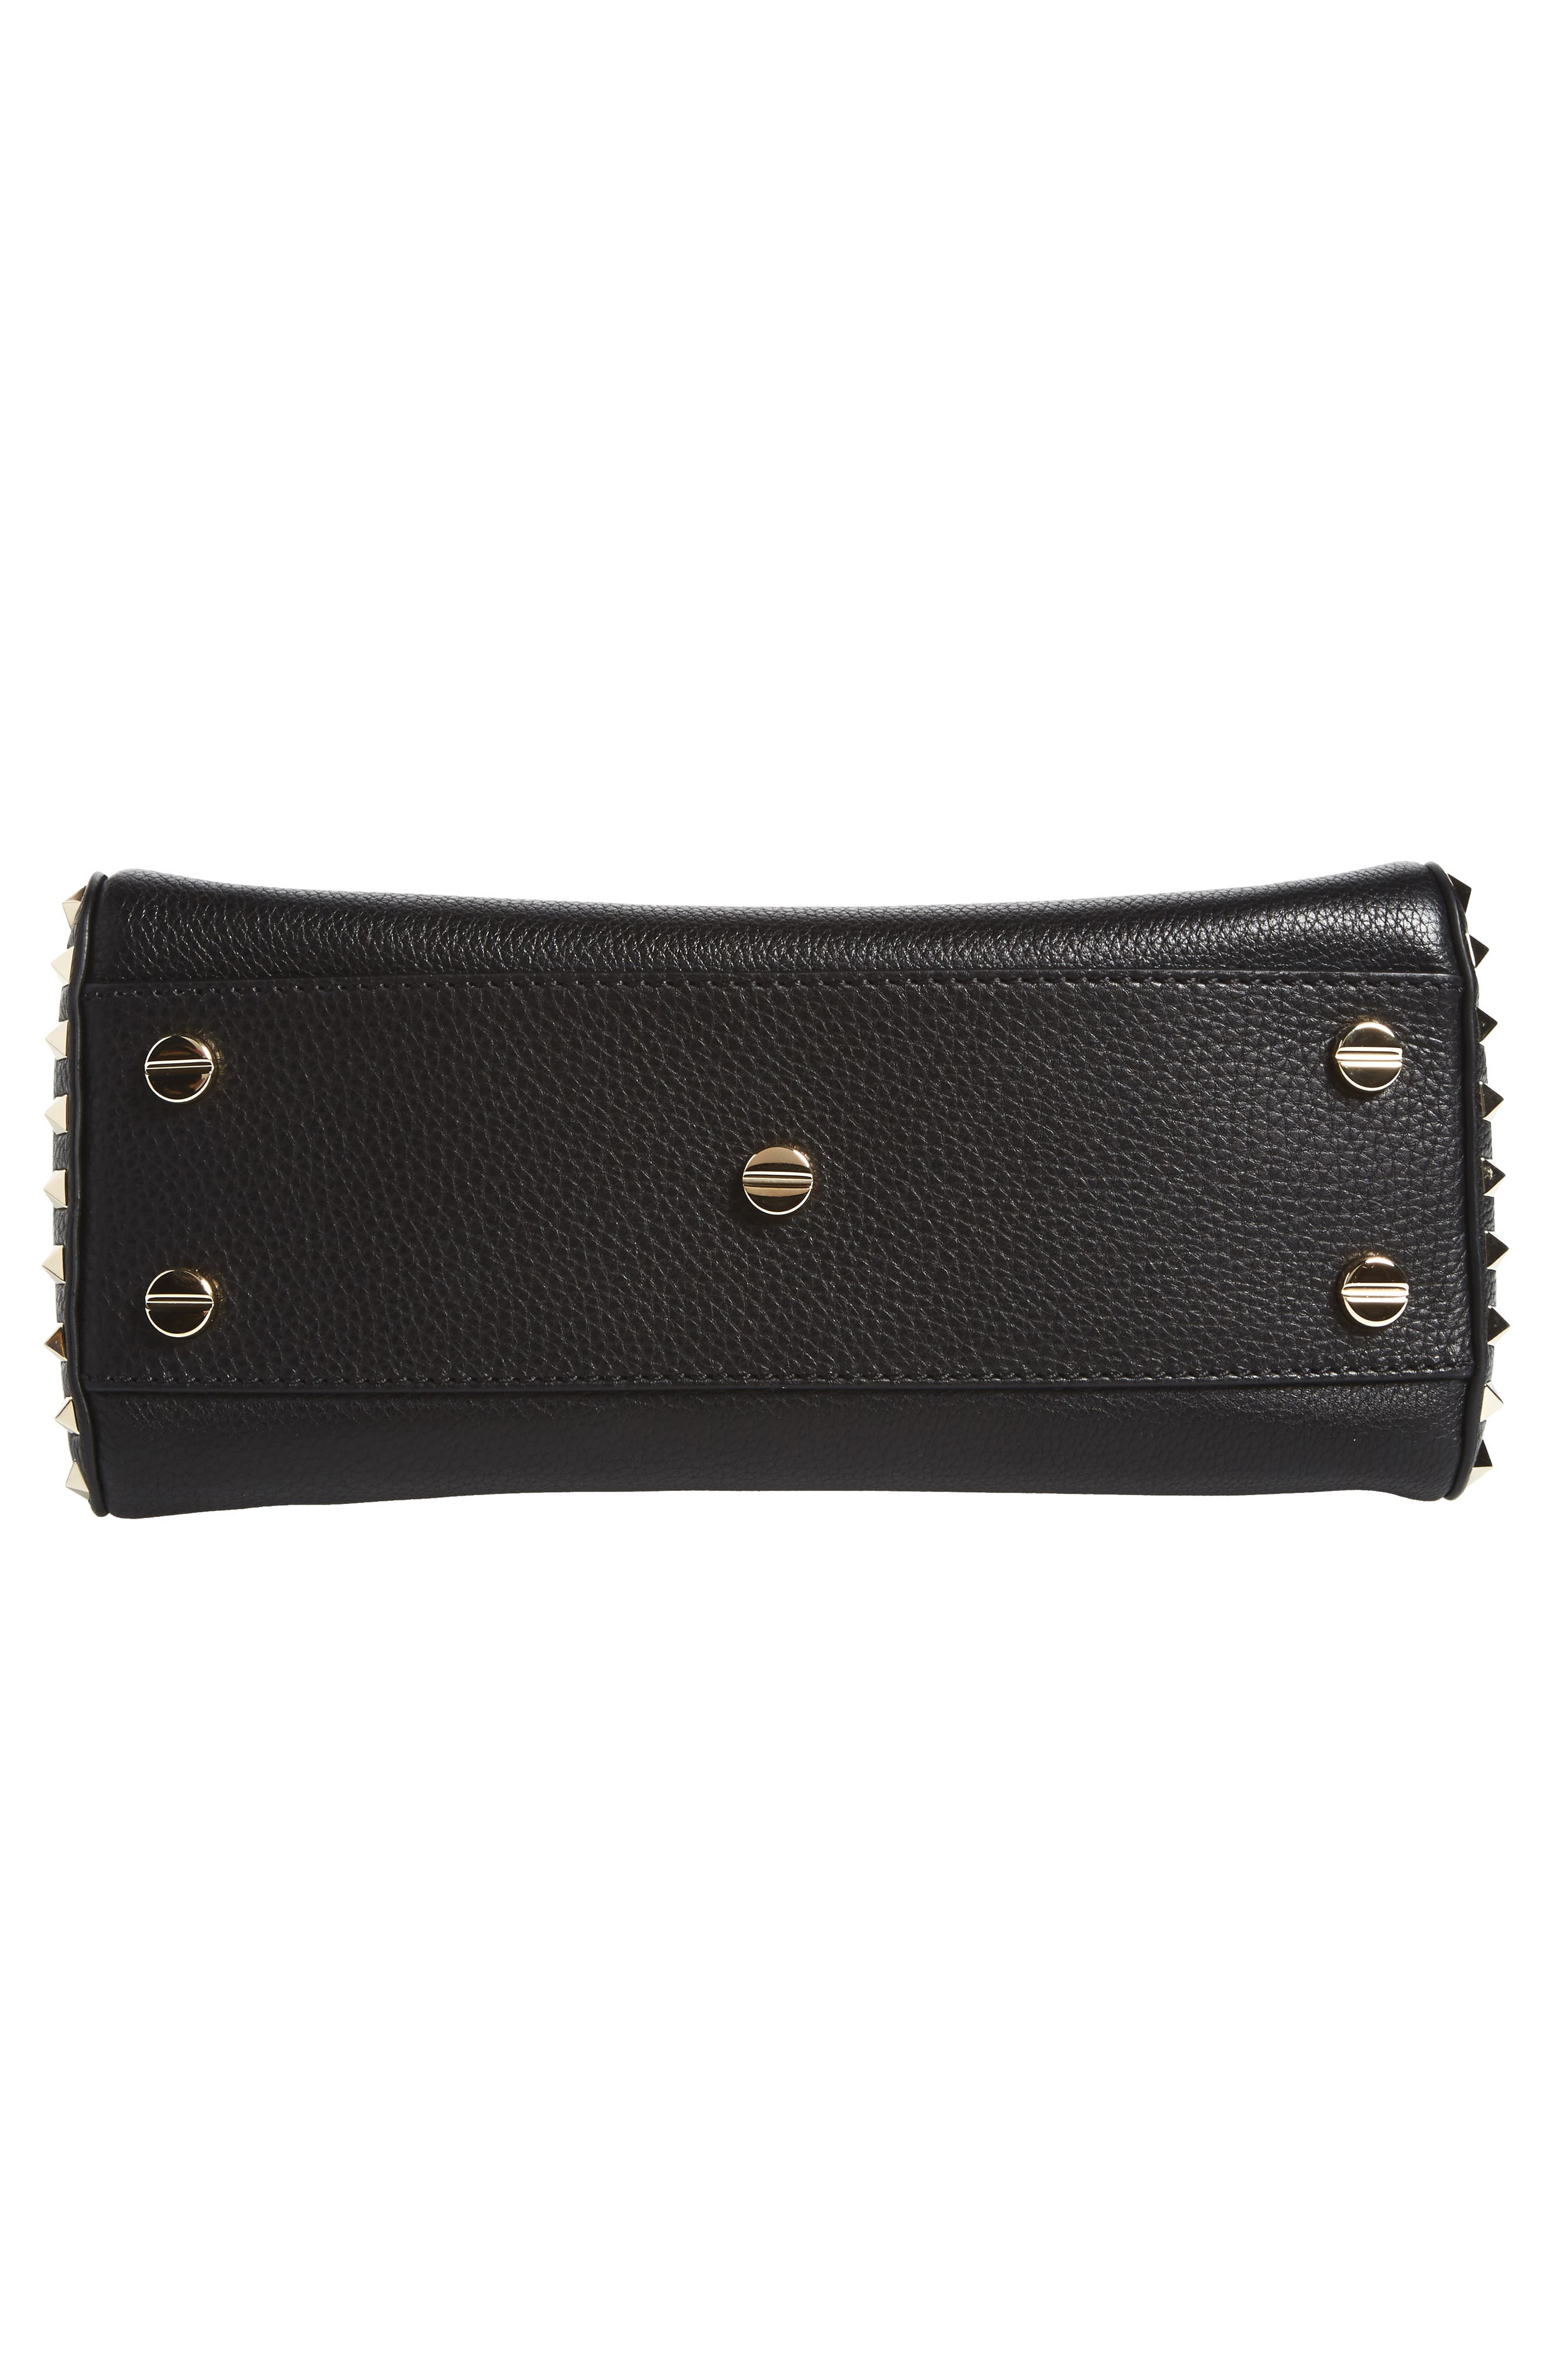 Medium Rockstud Leather Shoulder Bag,                             Alternate thumbnail 6, color,                             001